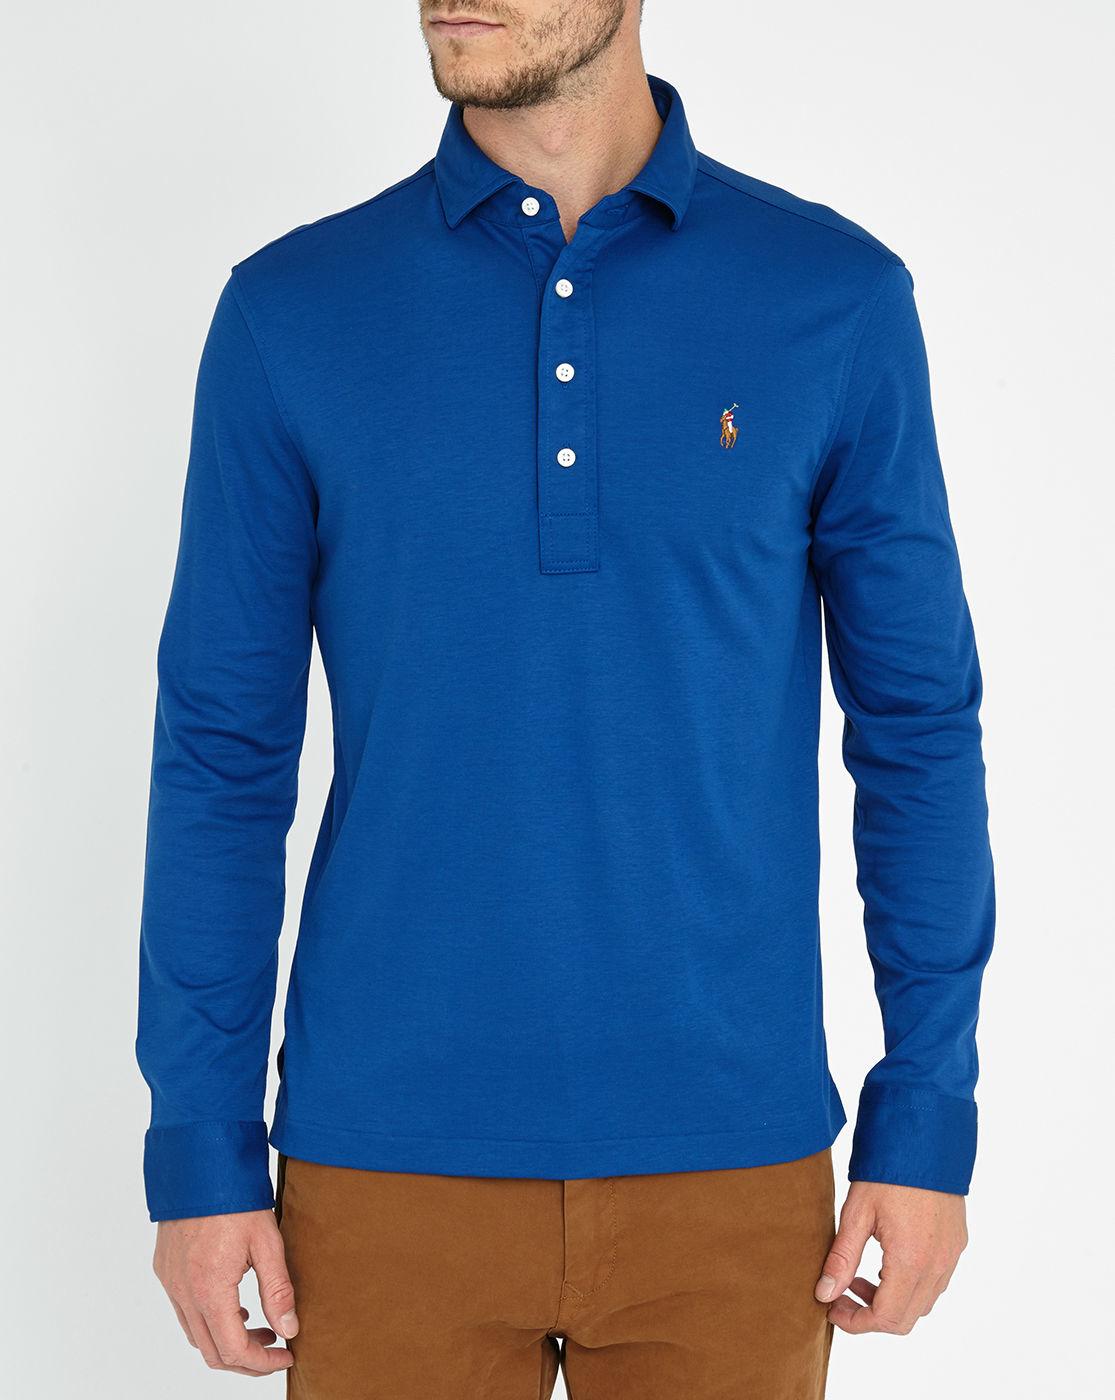 Polo Ralph Lauren Navy Long Sleeve Cotton Jersey Polo